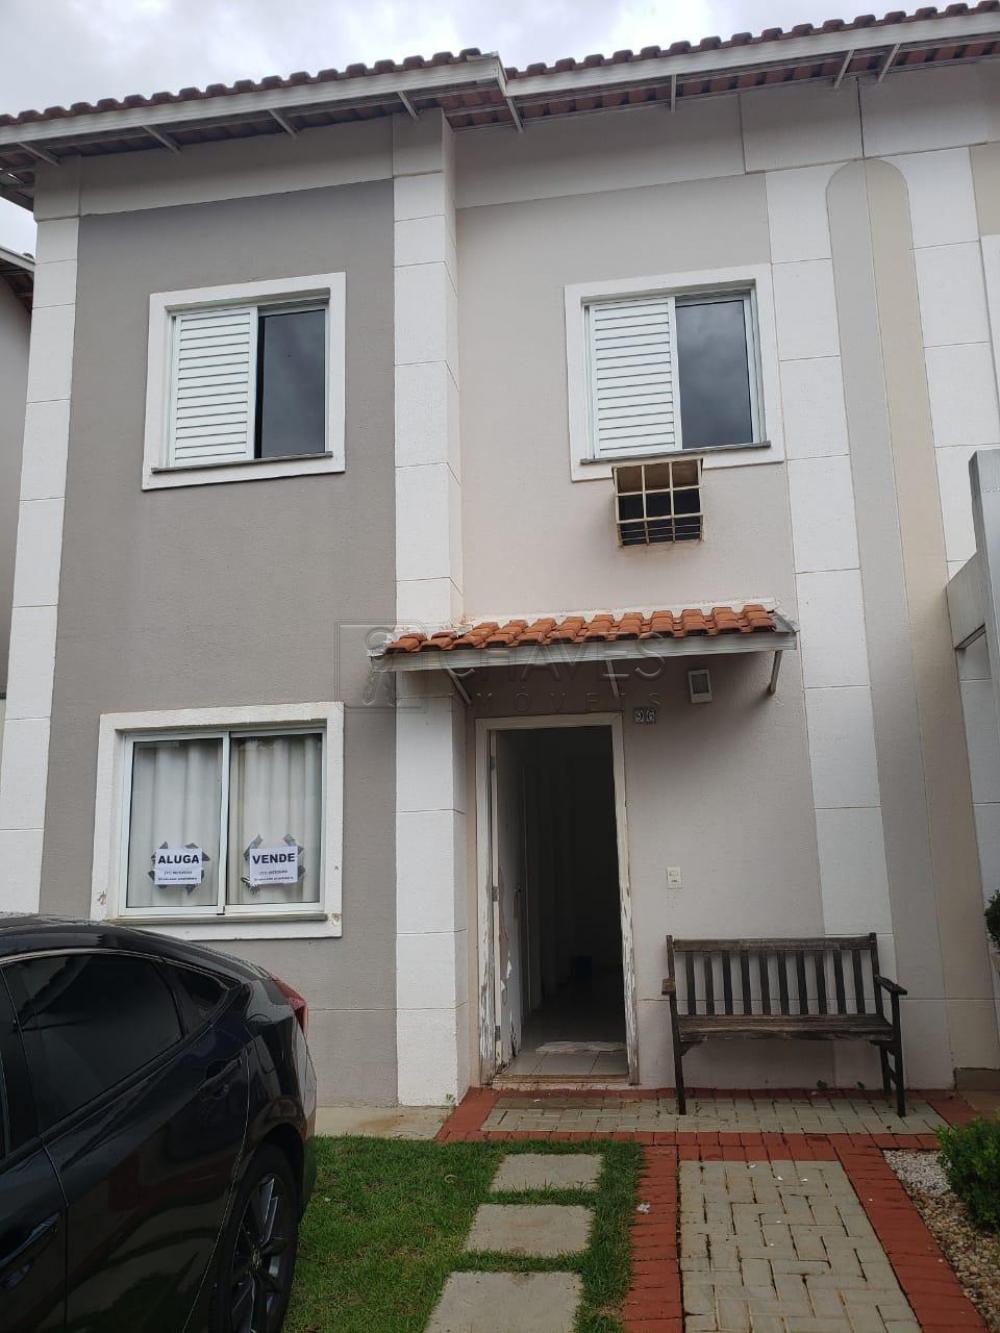 Ribeirao Preto Casa Venda R$390.000,00 Condominio R$417,00 3 Dormitorios 1 Suite Area construida 96.00m2